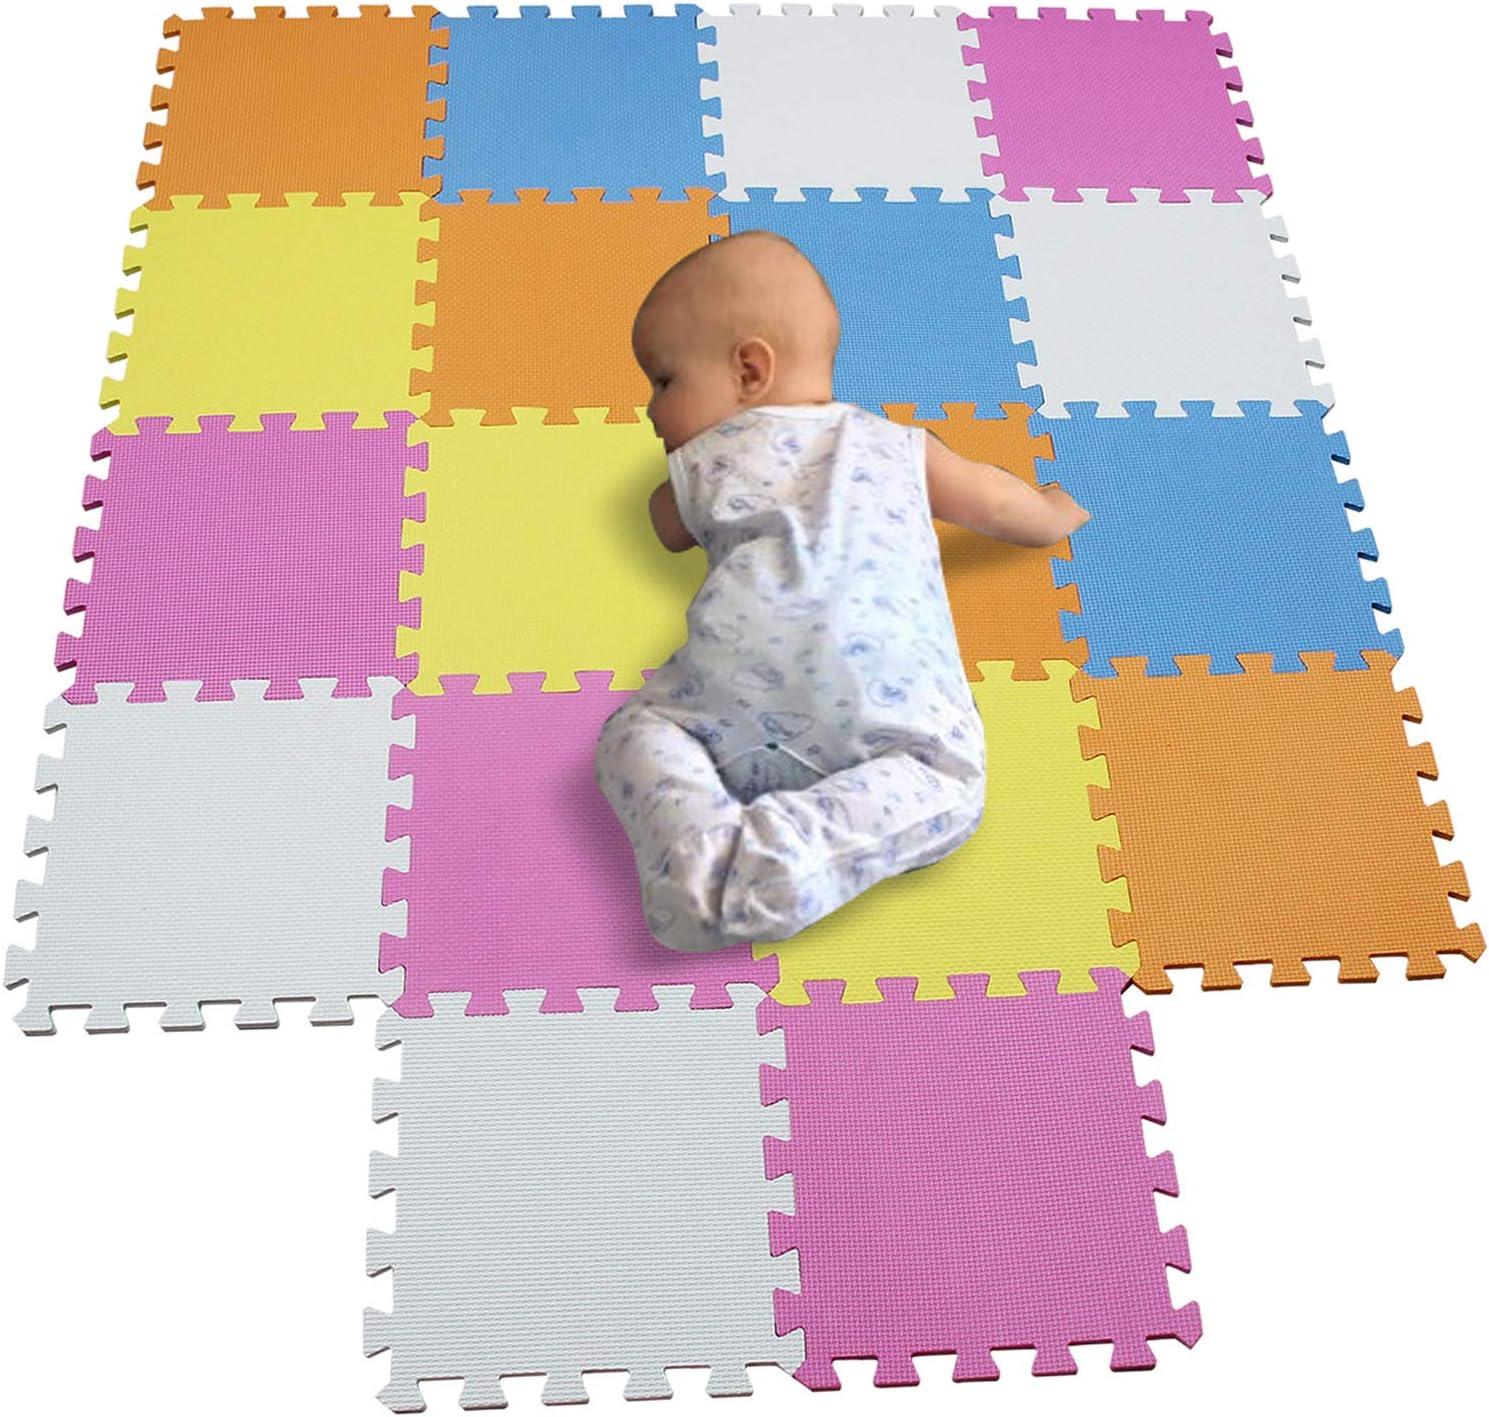 BUCHAQIAN Foam Play Mat Large Size Interlocking Baby Foam Mats for Baby Playing A0